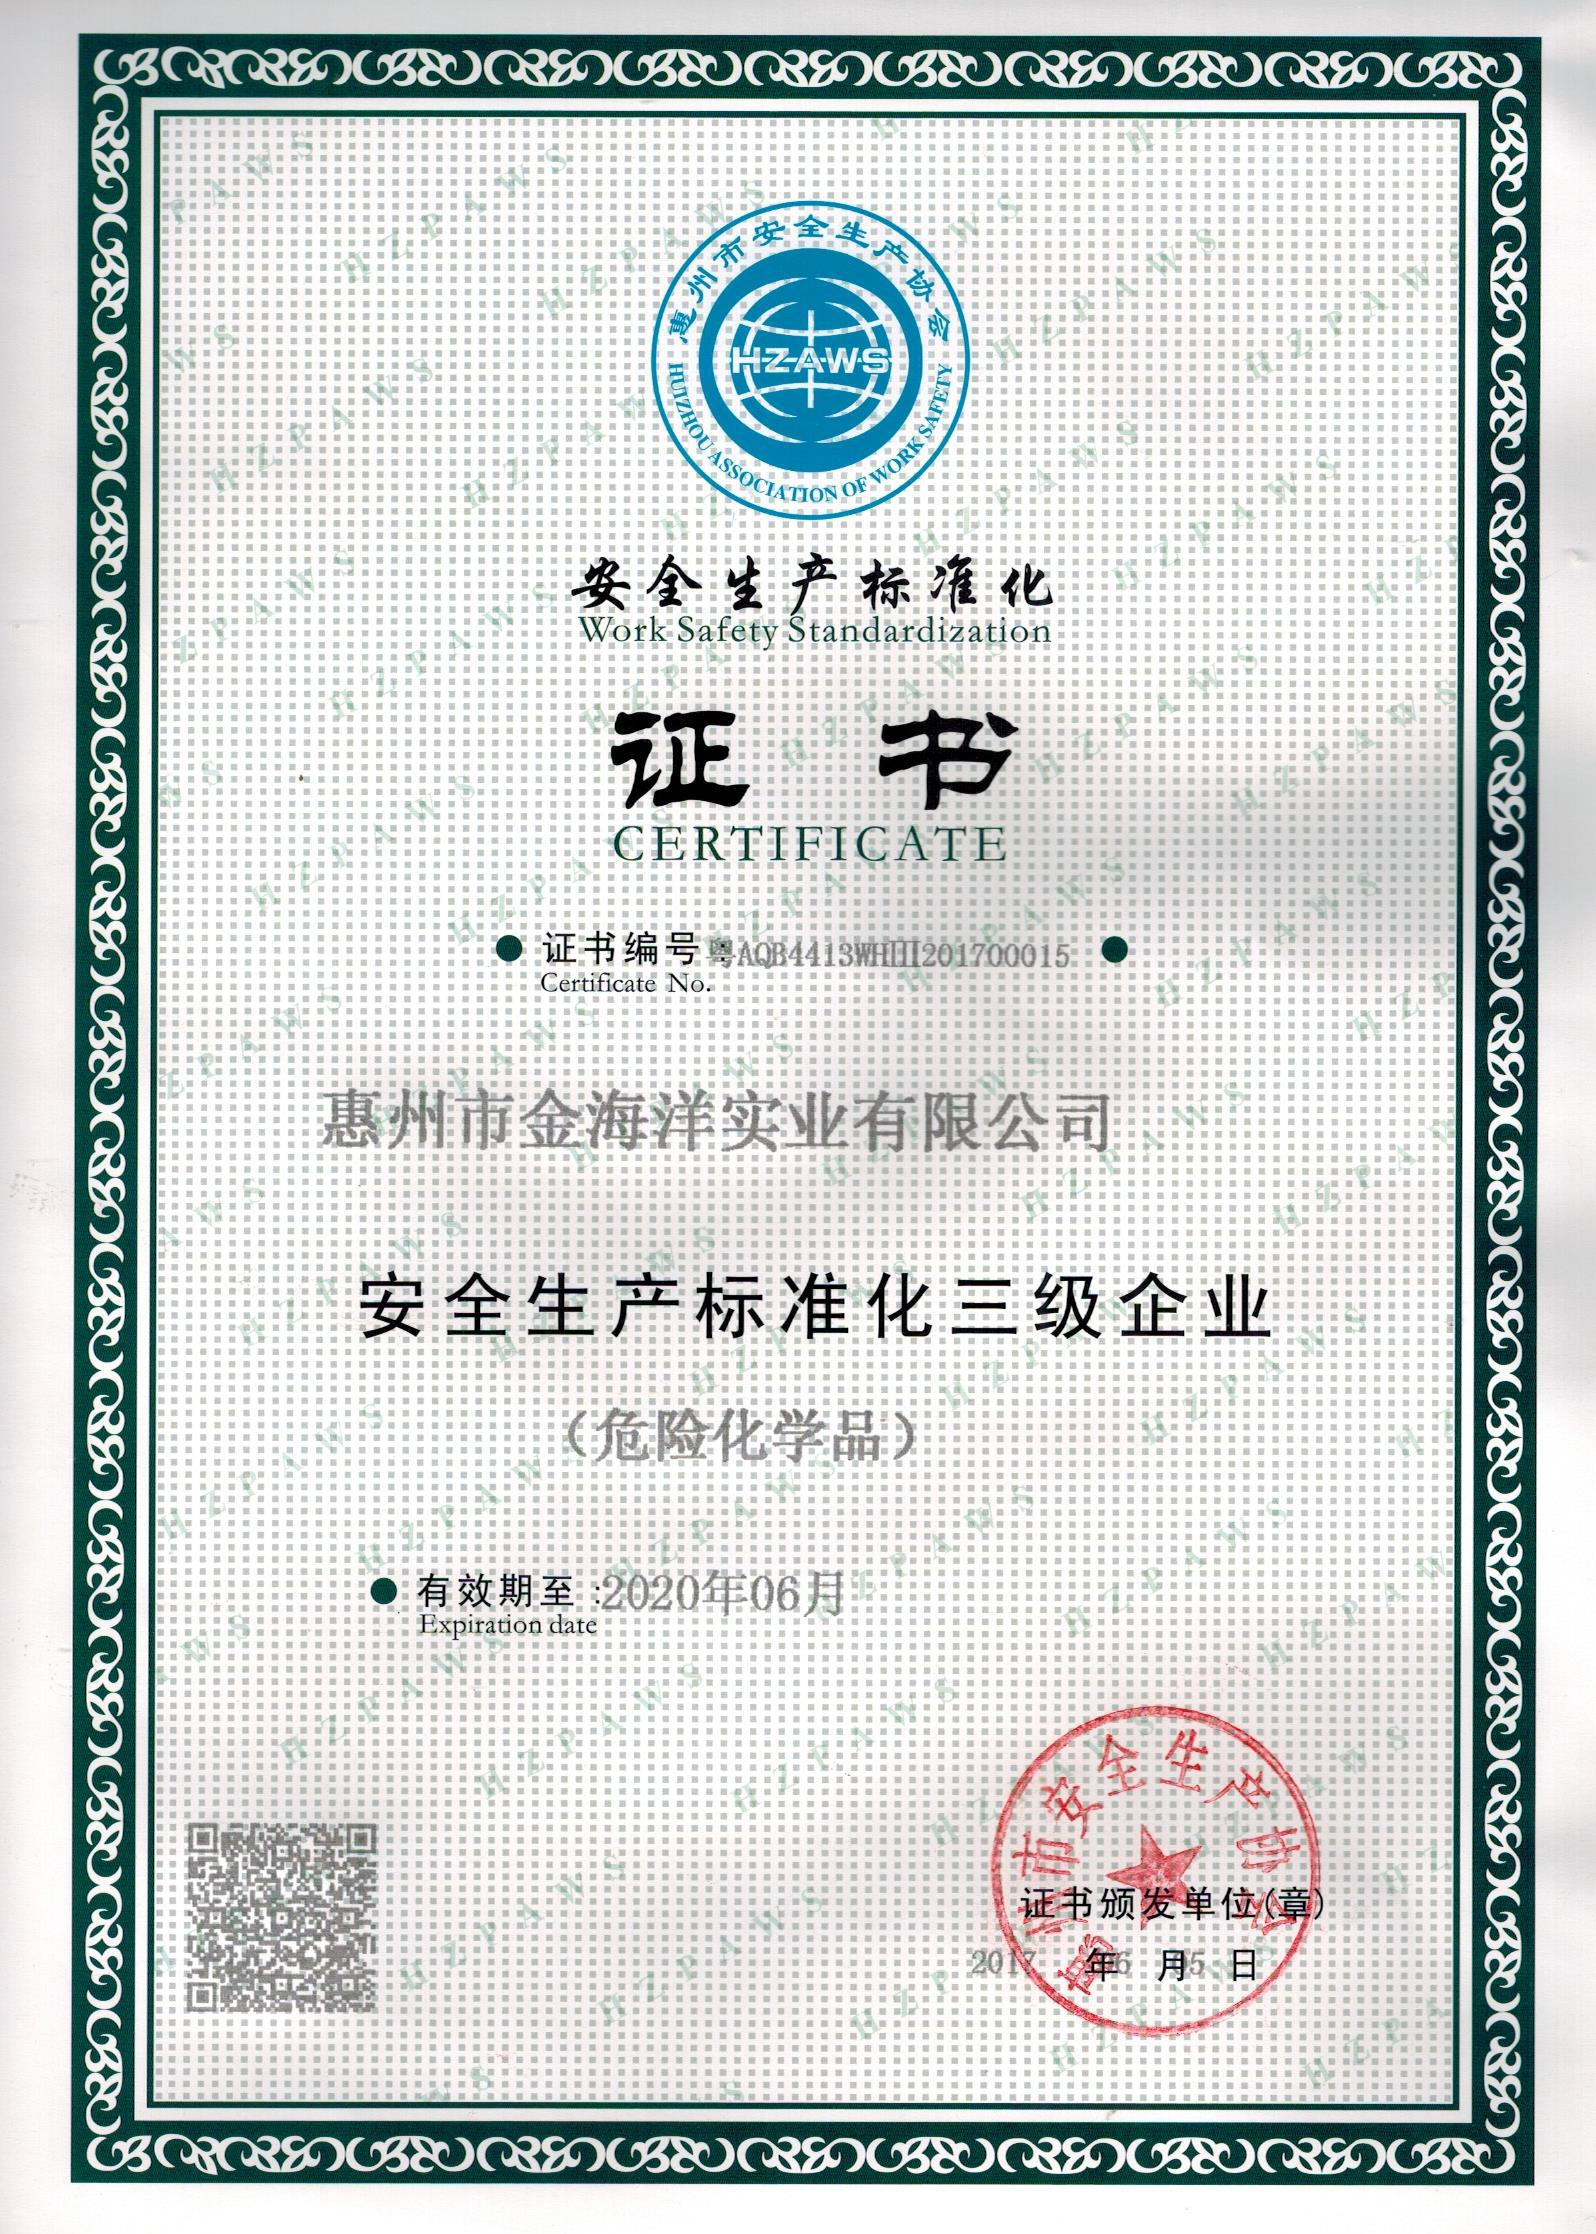 安全标准化证书.jpg